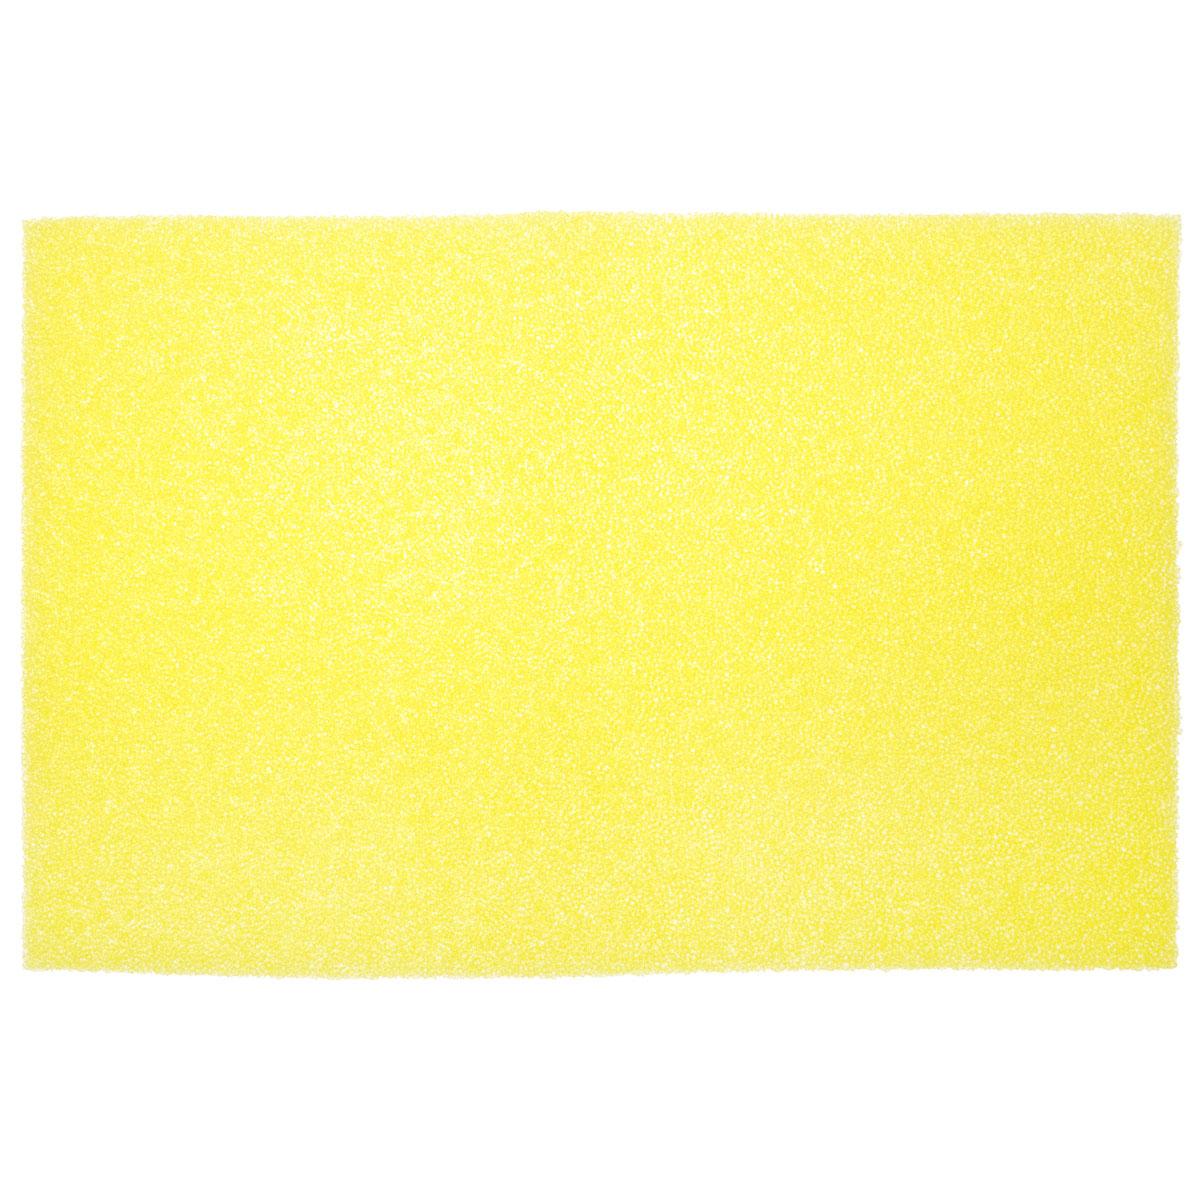 Коврик для хранения продуктов в холодильнике Eva, цвет: желтый, 32 х 50 смЕ23Антибактериальный коврик Eva изготовлен из цветного пенополиуретана и используется в контейнерах для хранения овощей и фруктов. Он обеспечит свежесть продуктов в течение длительного времени, благодаря циркуляции воздуха между продуктами и поверхностями холодильника. Ячеистая структура коврика предотвратит размножение бактерий и образование плесени. Можно мыть в воде при температуре 30°С. Также изделие подходит в качестве коврика для сушки посуды.Размер: 32 см х 50 см.